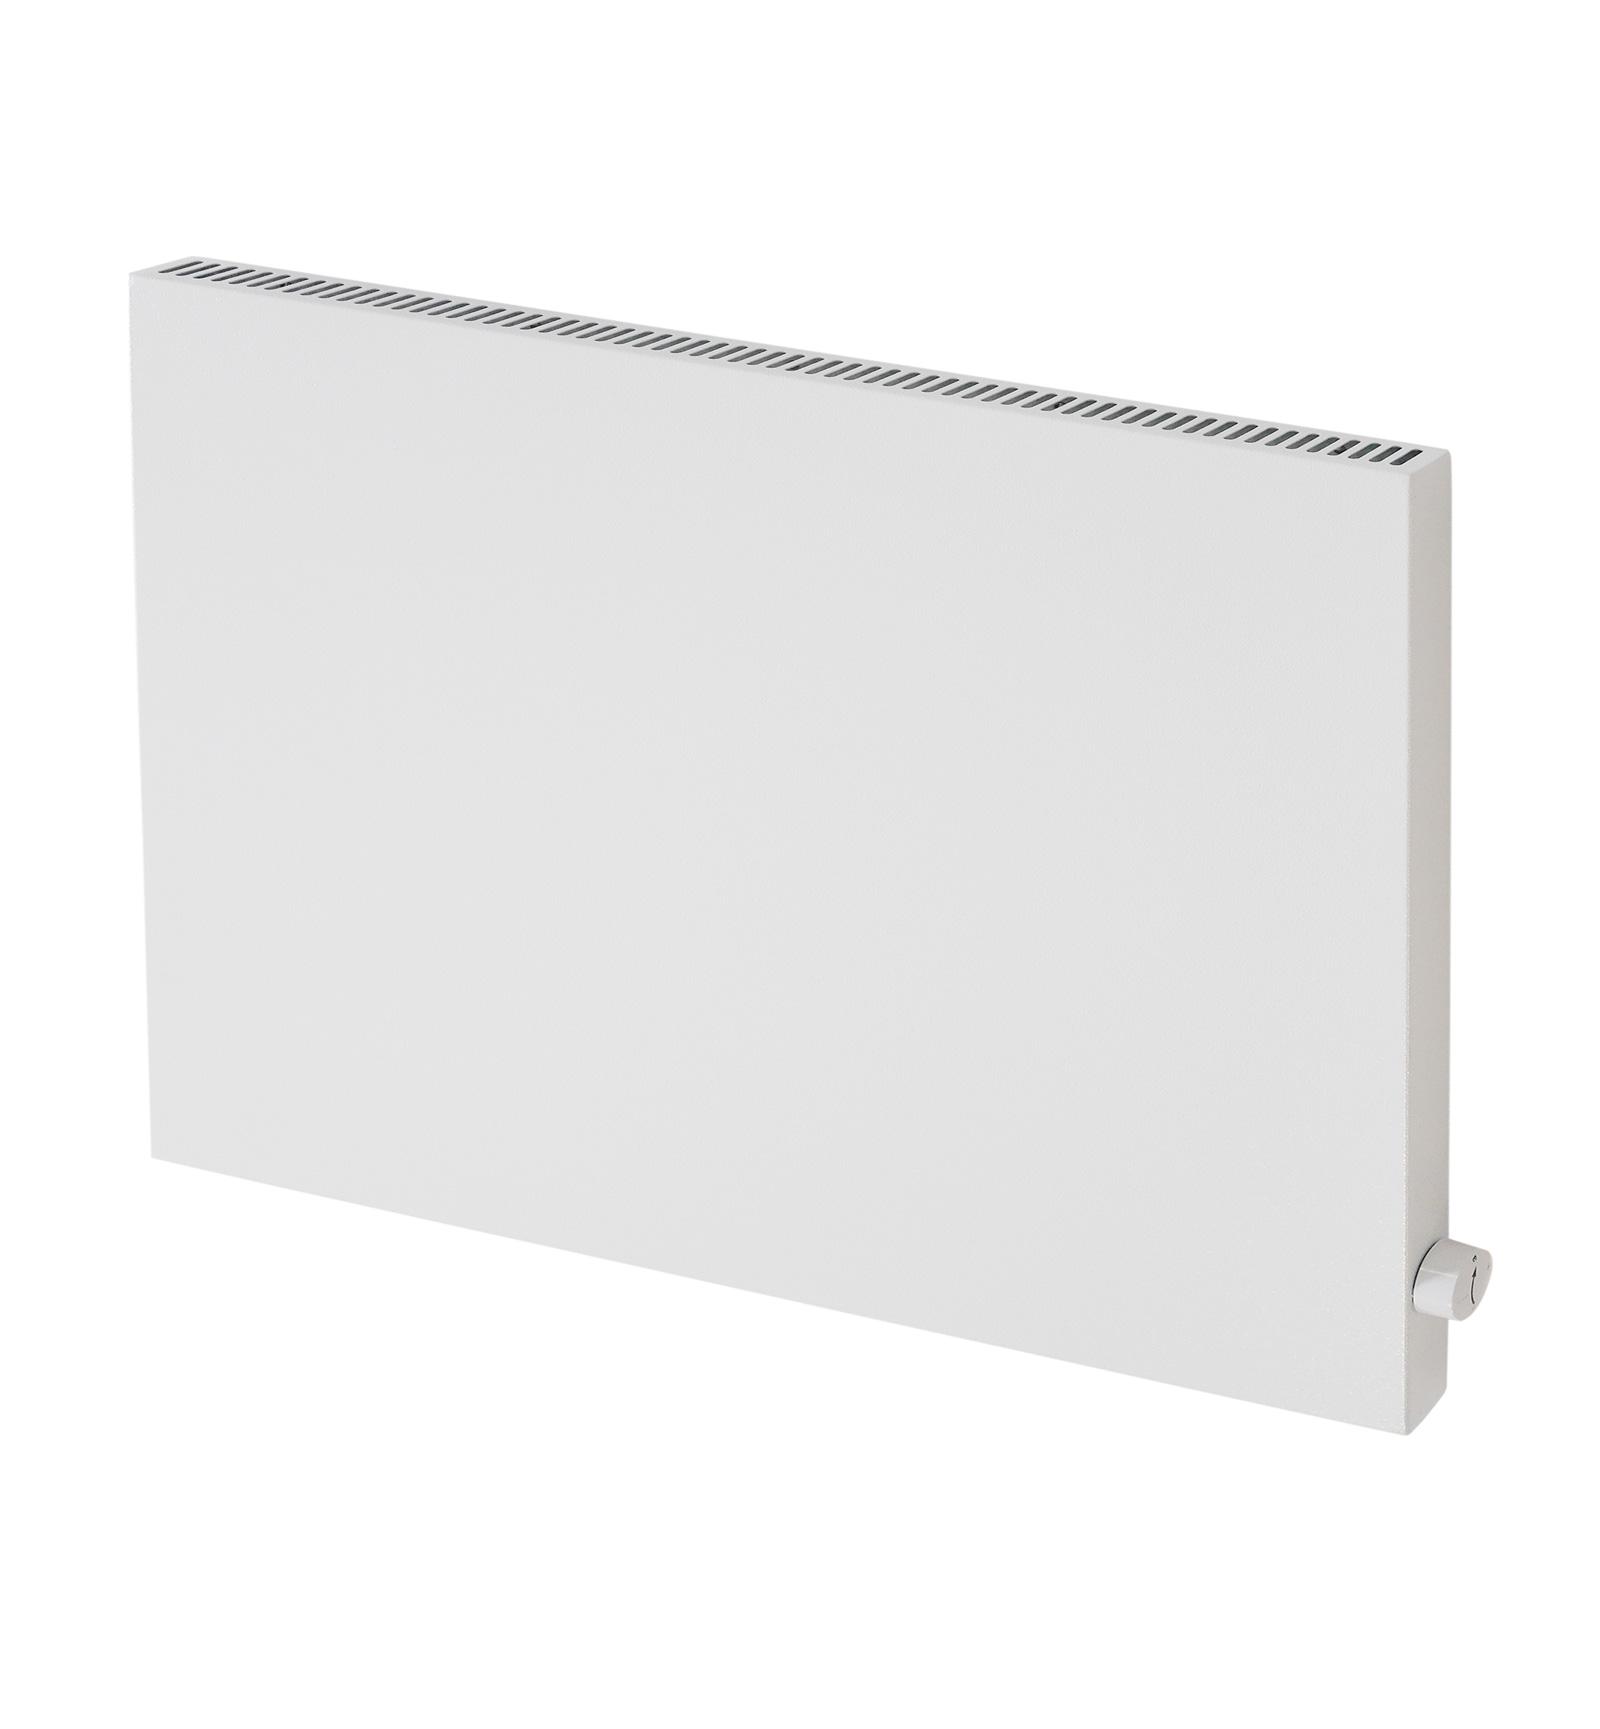 Hybrid Infrarotheizung mit Thermostat und Konvektion weiß